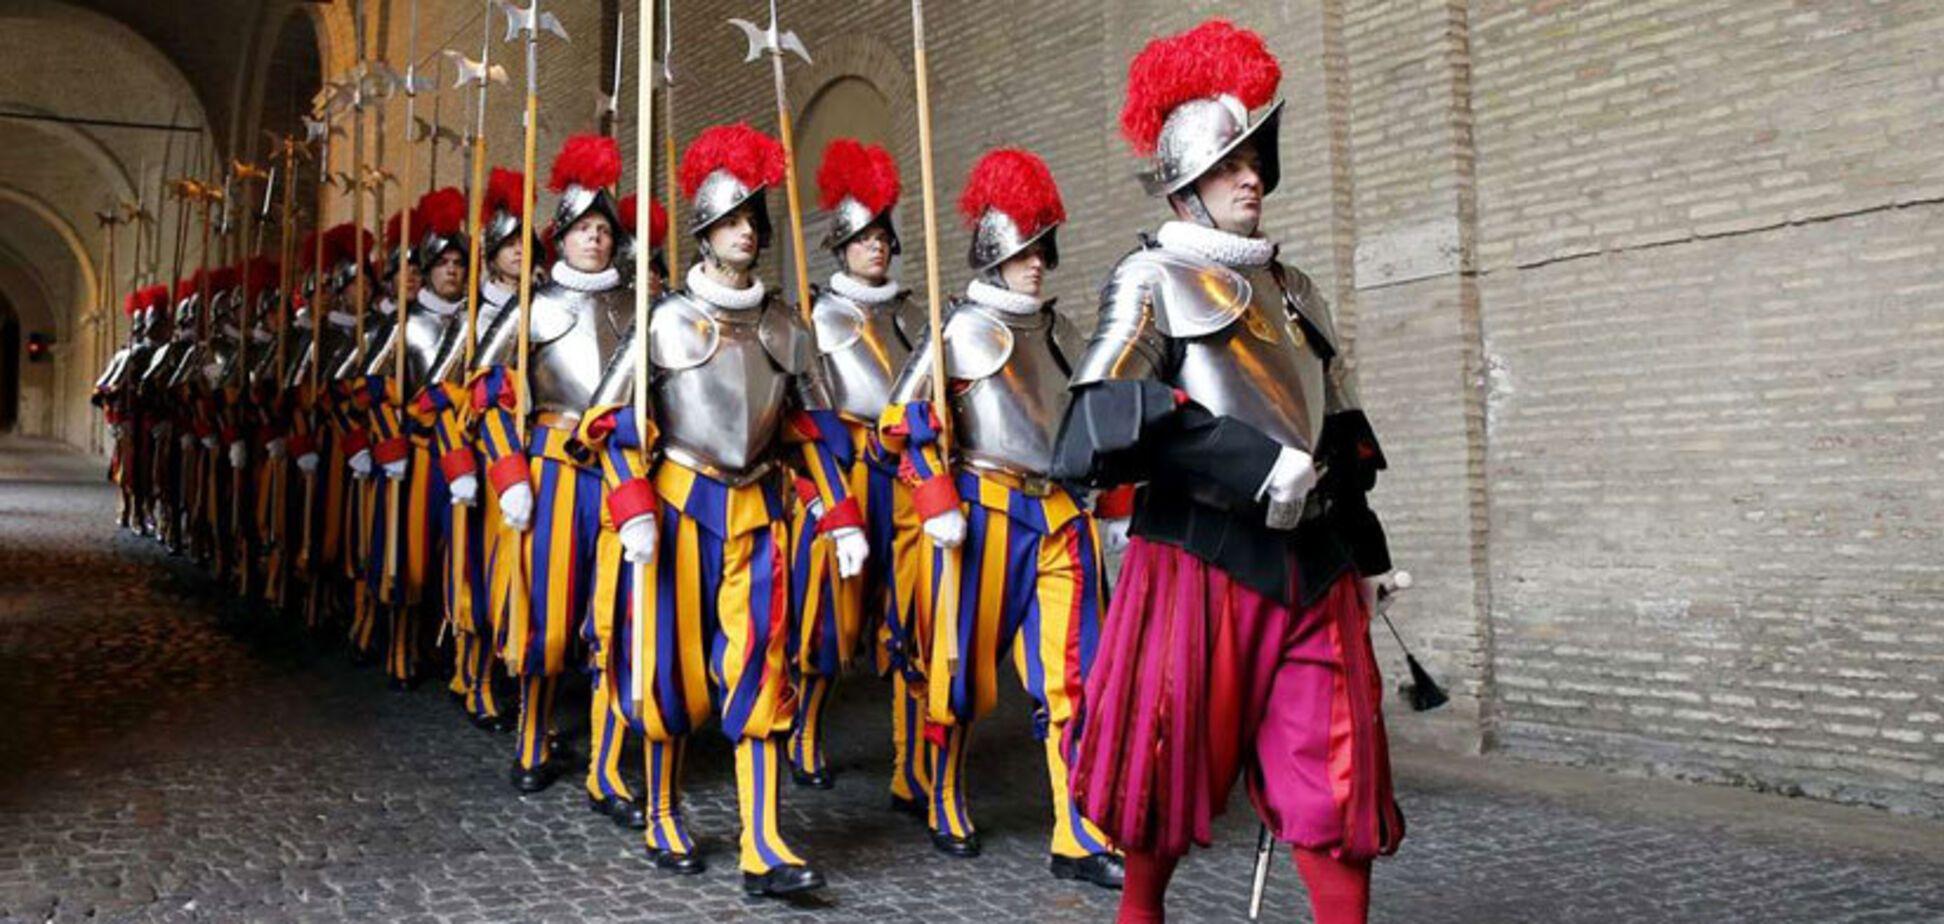 34 нових гвардійці Папи Римського склали присягу